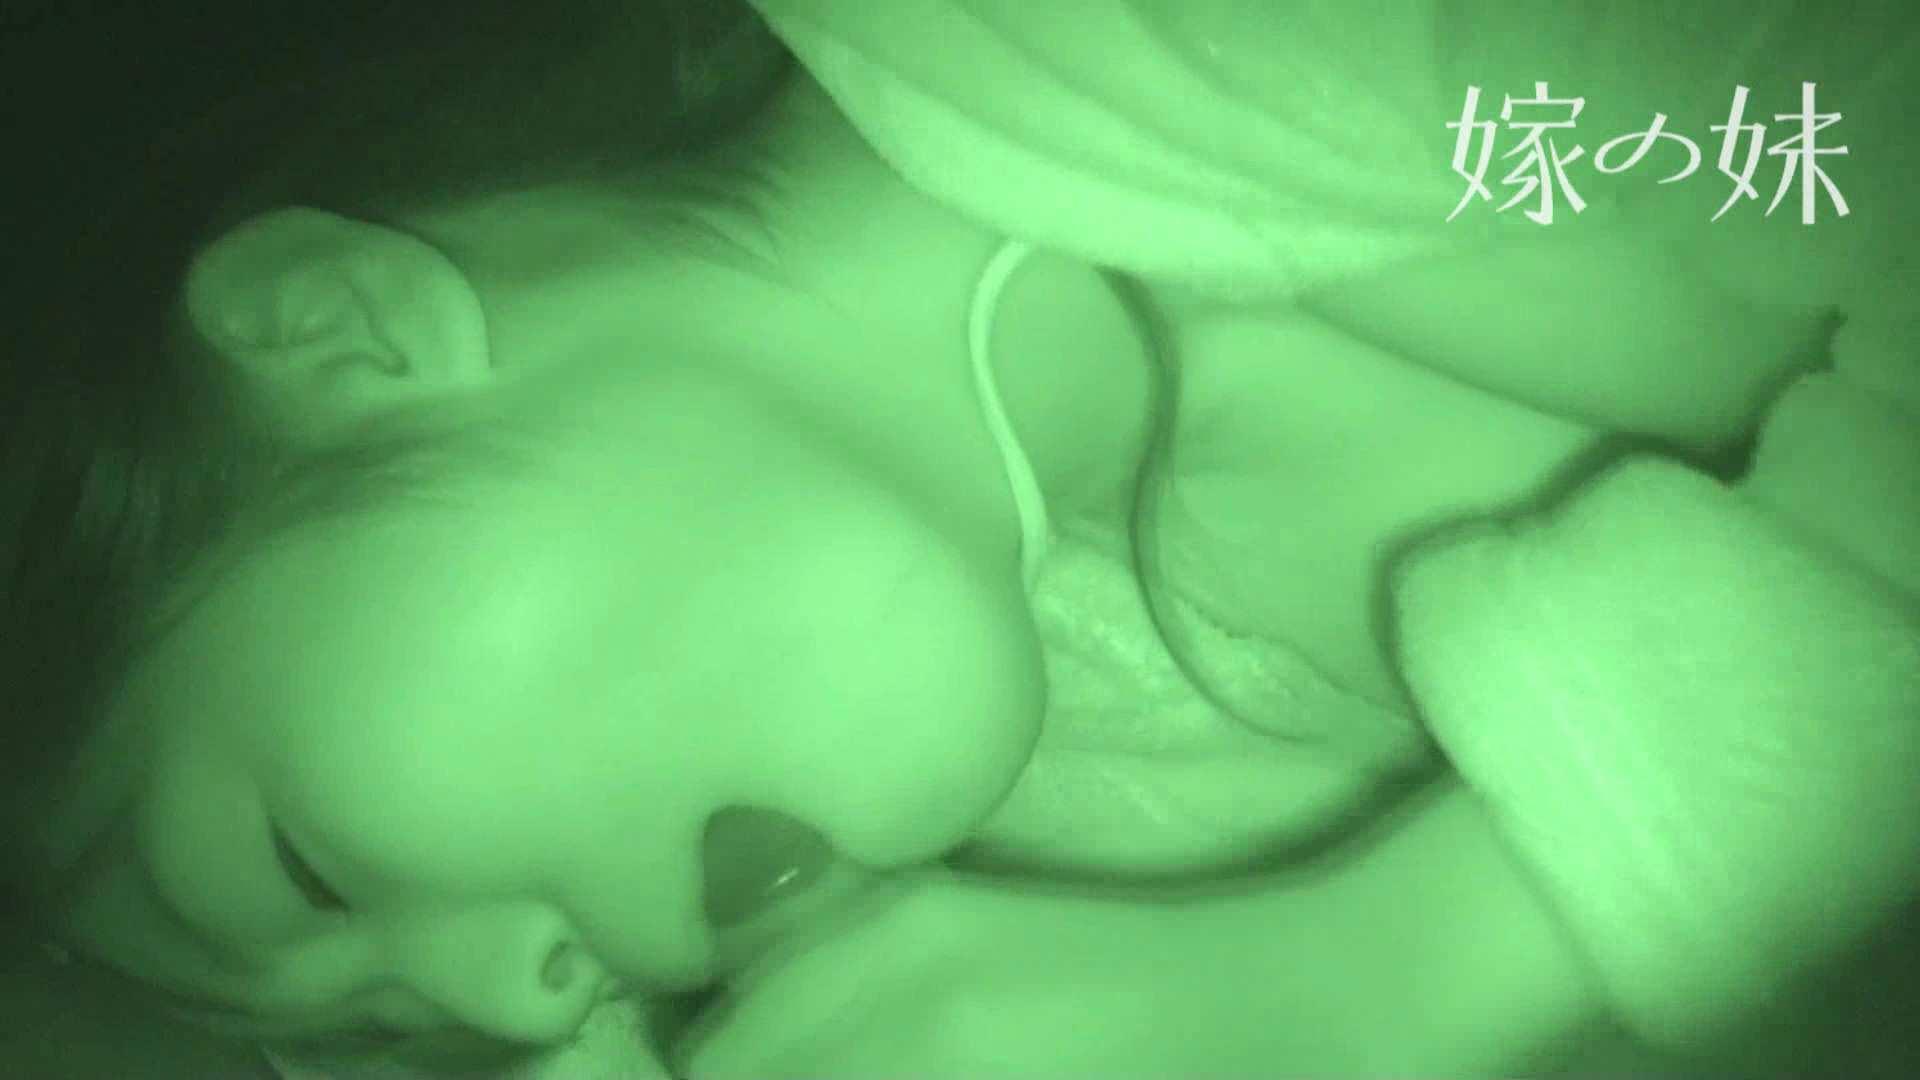 居候中の嫁の妹 vol.3 性欲  42連発 20